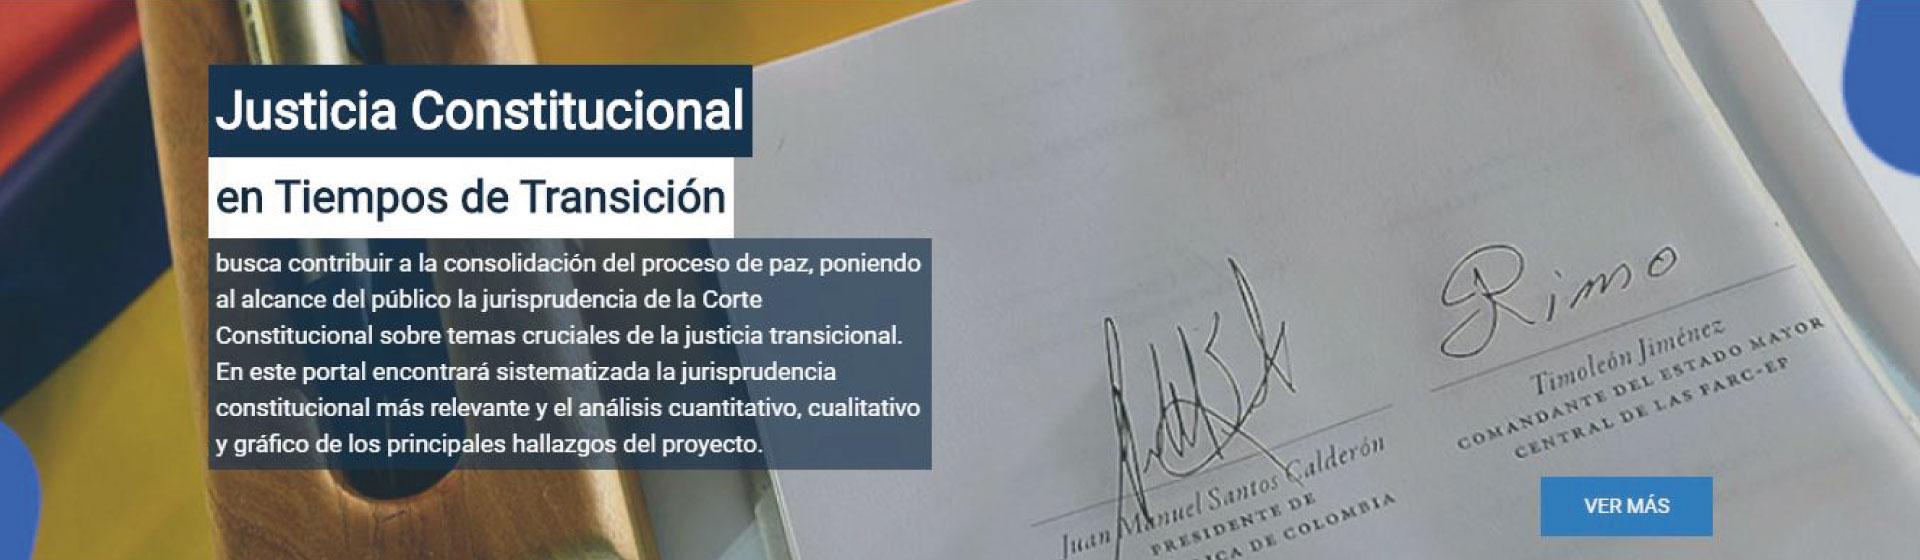 Justicia constitucional en tiempos de transición